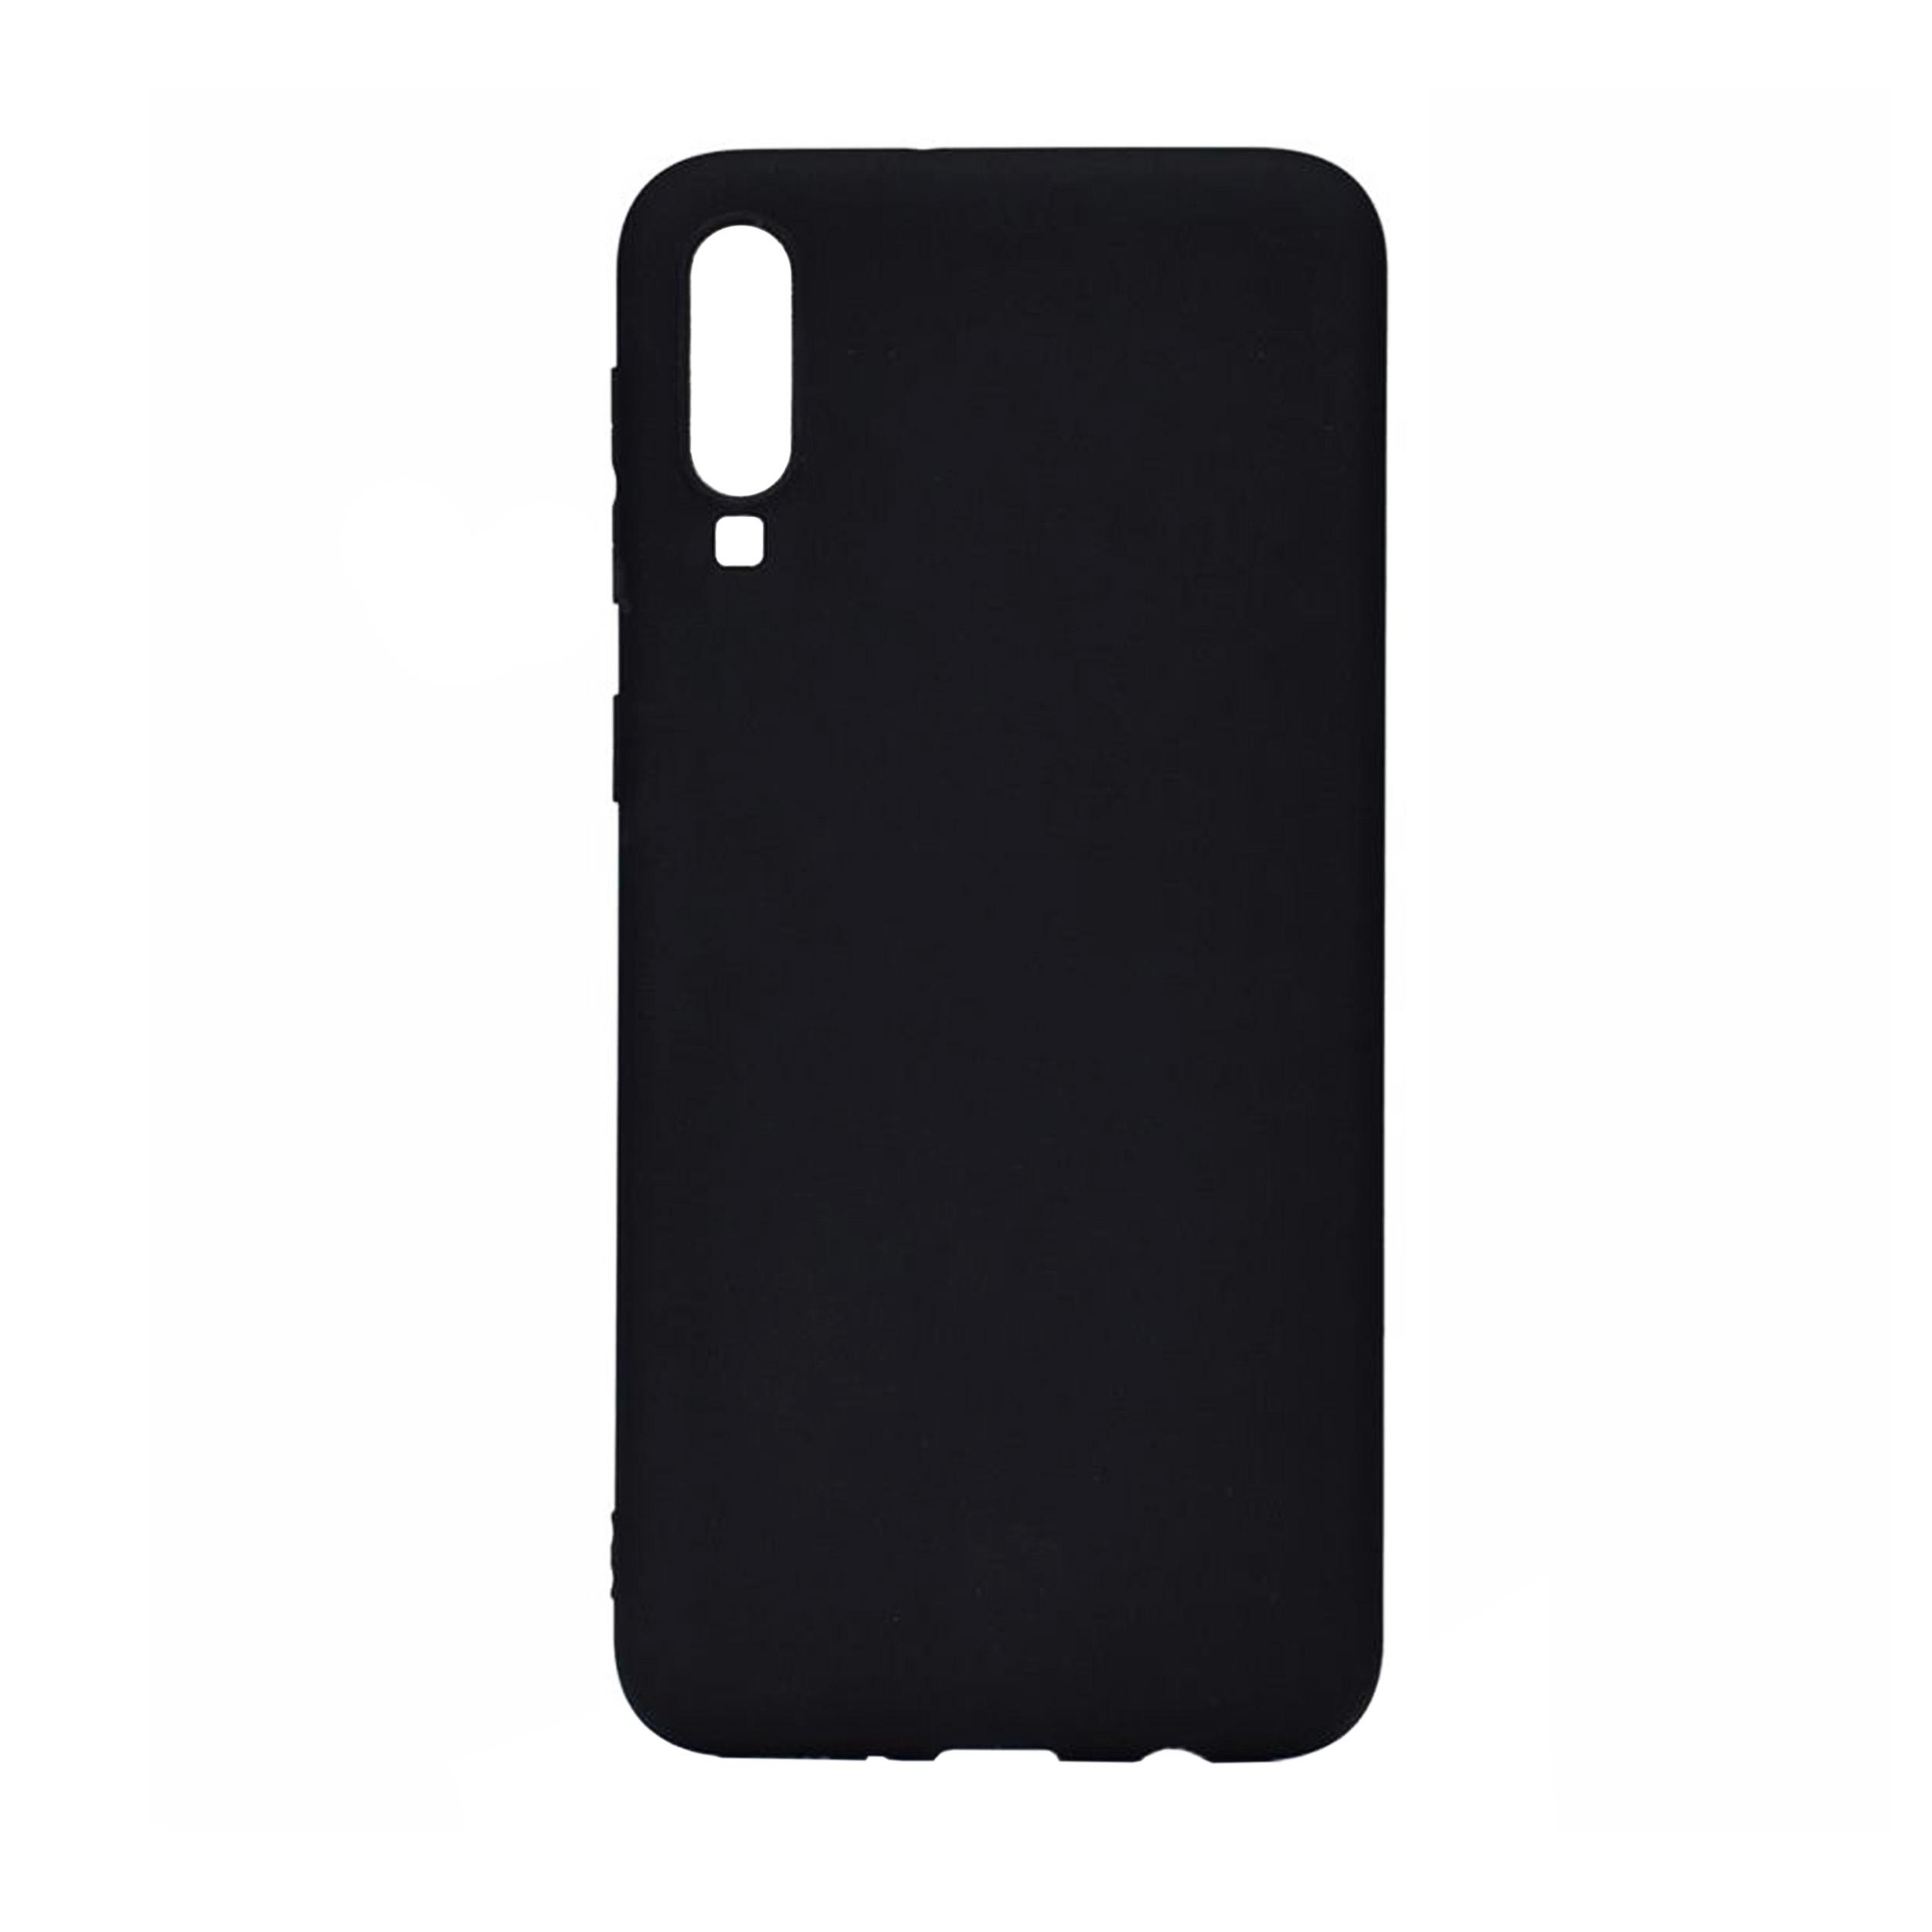 کاور مدل JEL-002 مناسب برای گوشی موبایل سامسونگ Galaxy A70              ( قیمت و خرید)